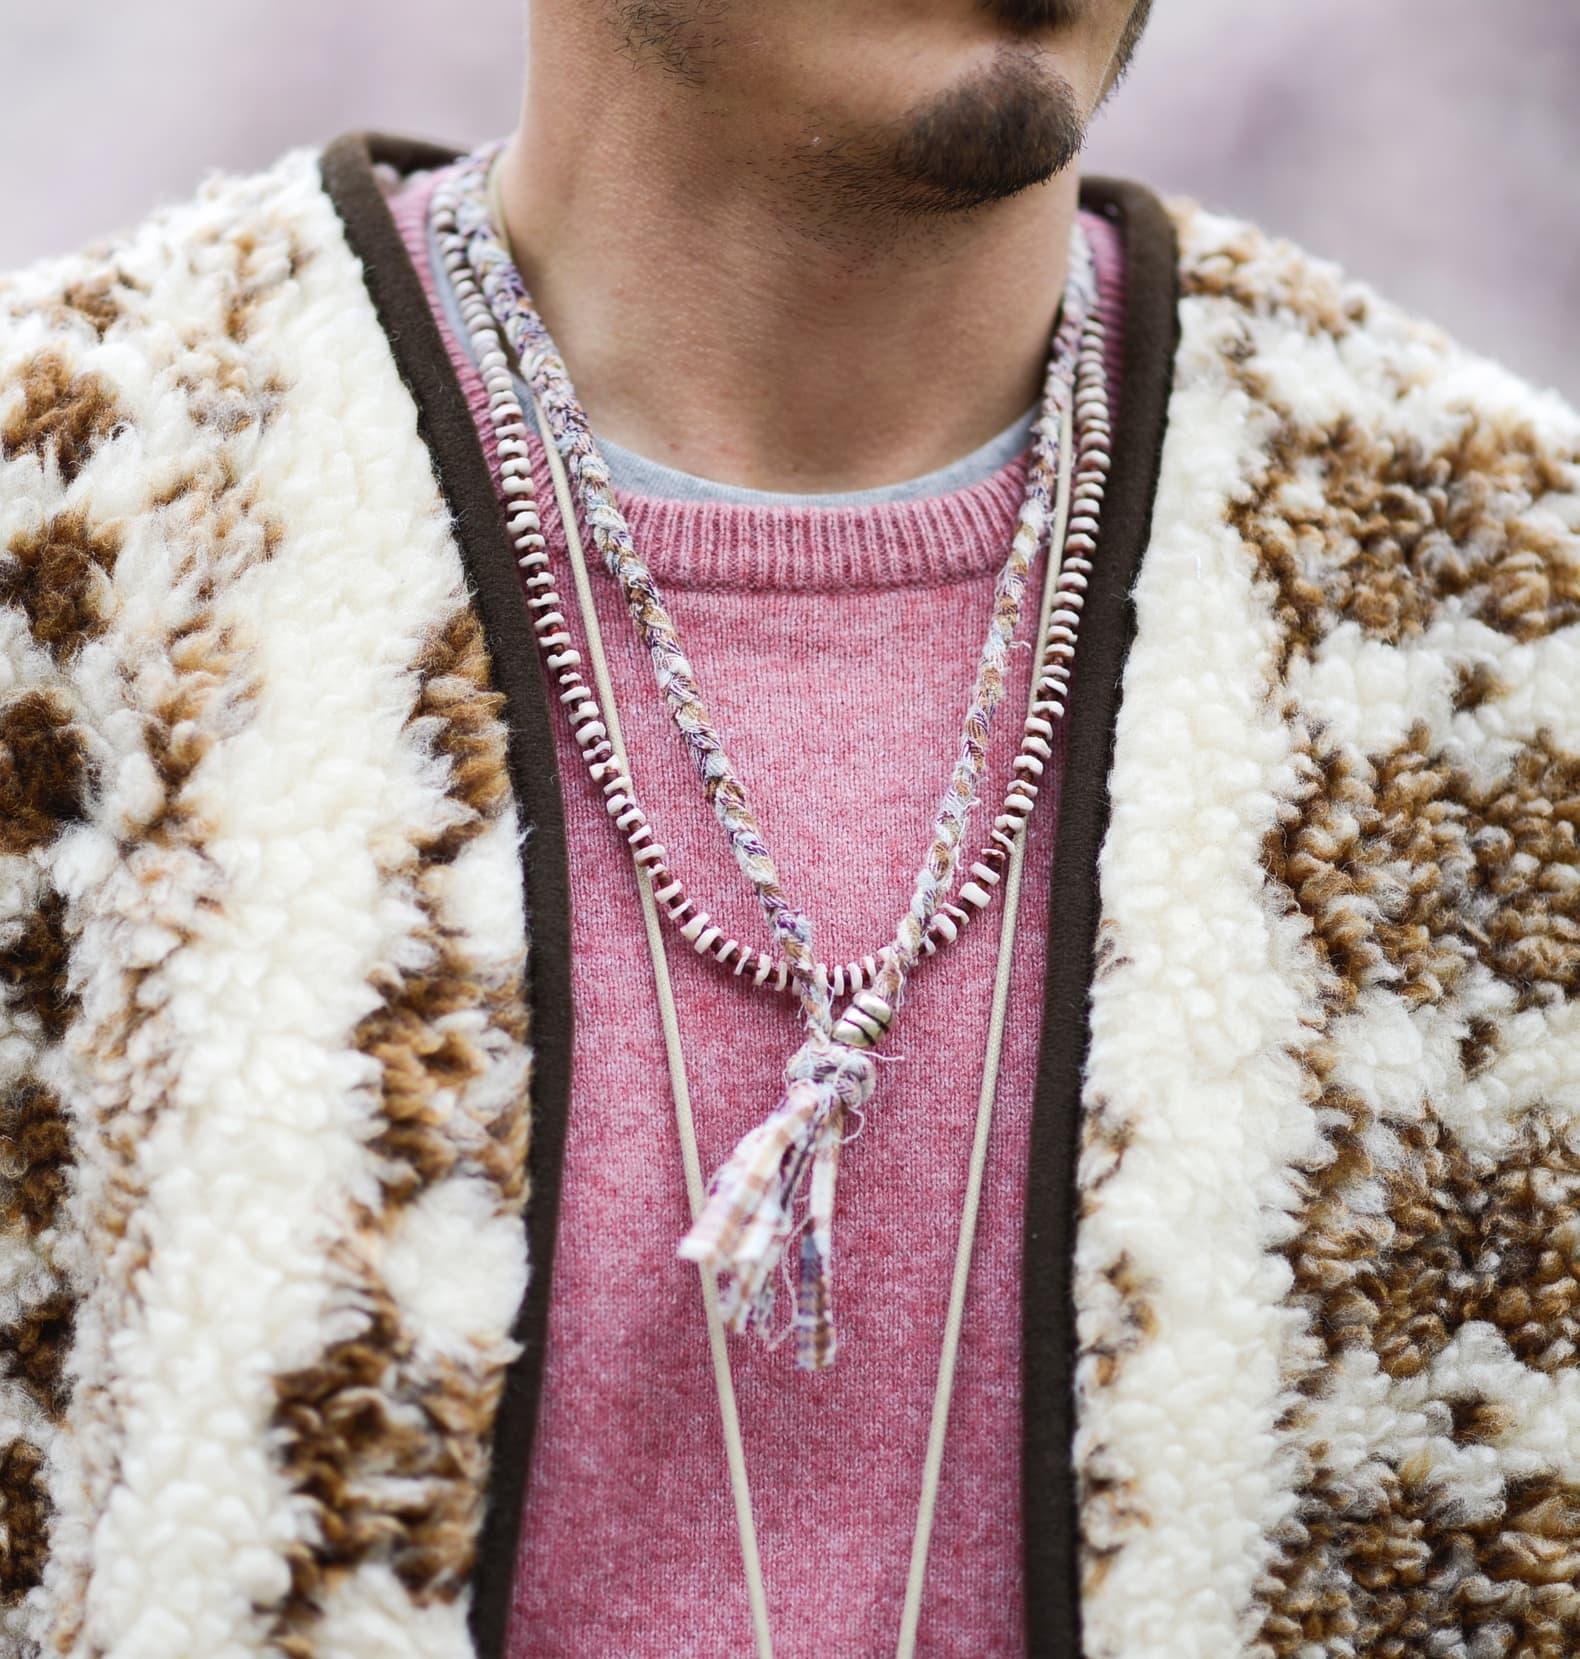 homme en pull rose et collier en tissu Borali et filet en mouton à motif